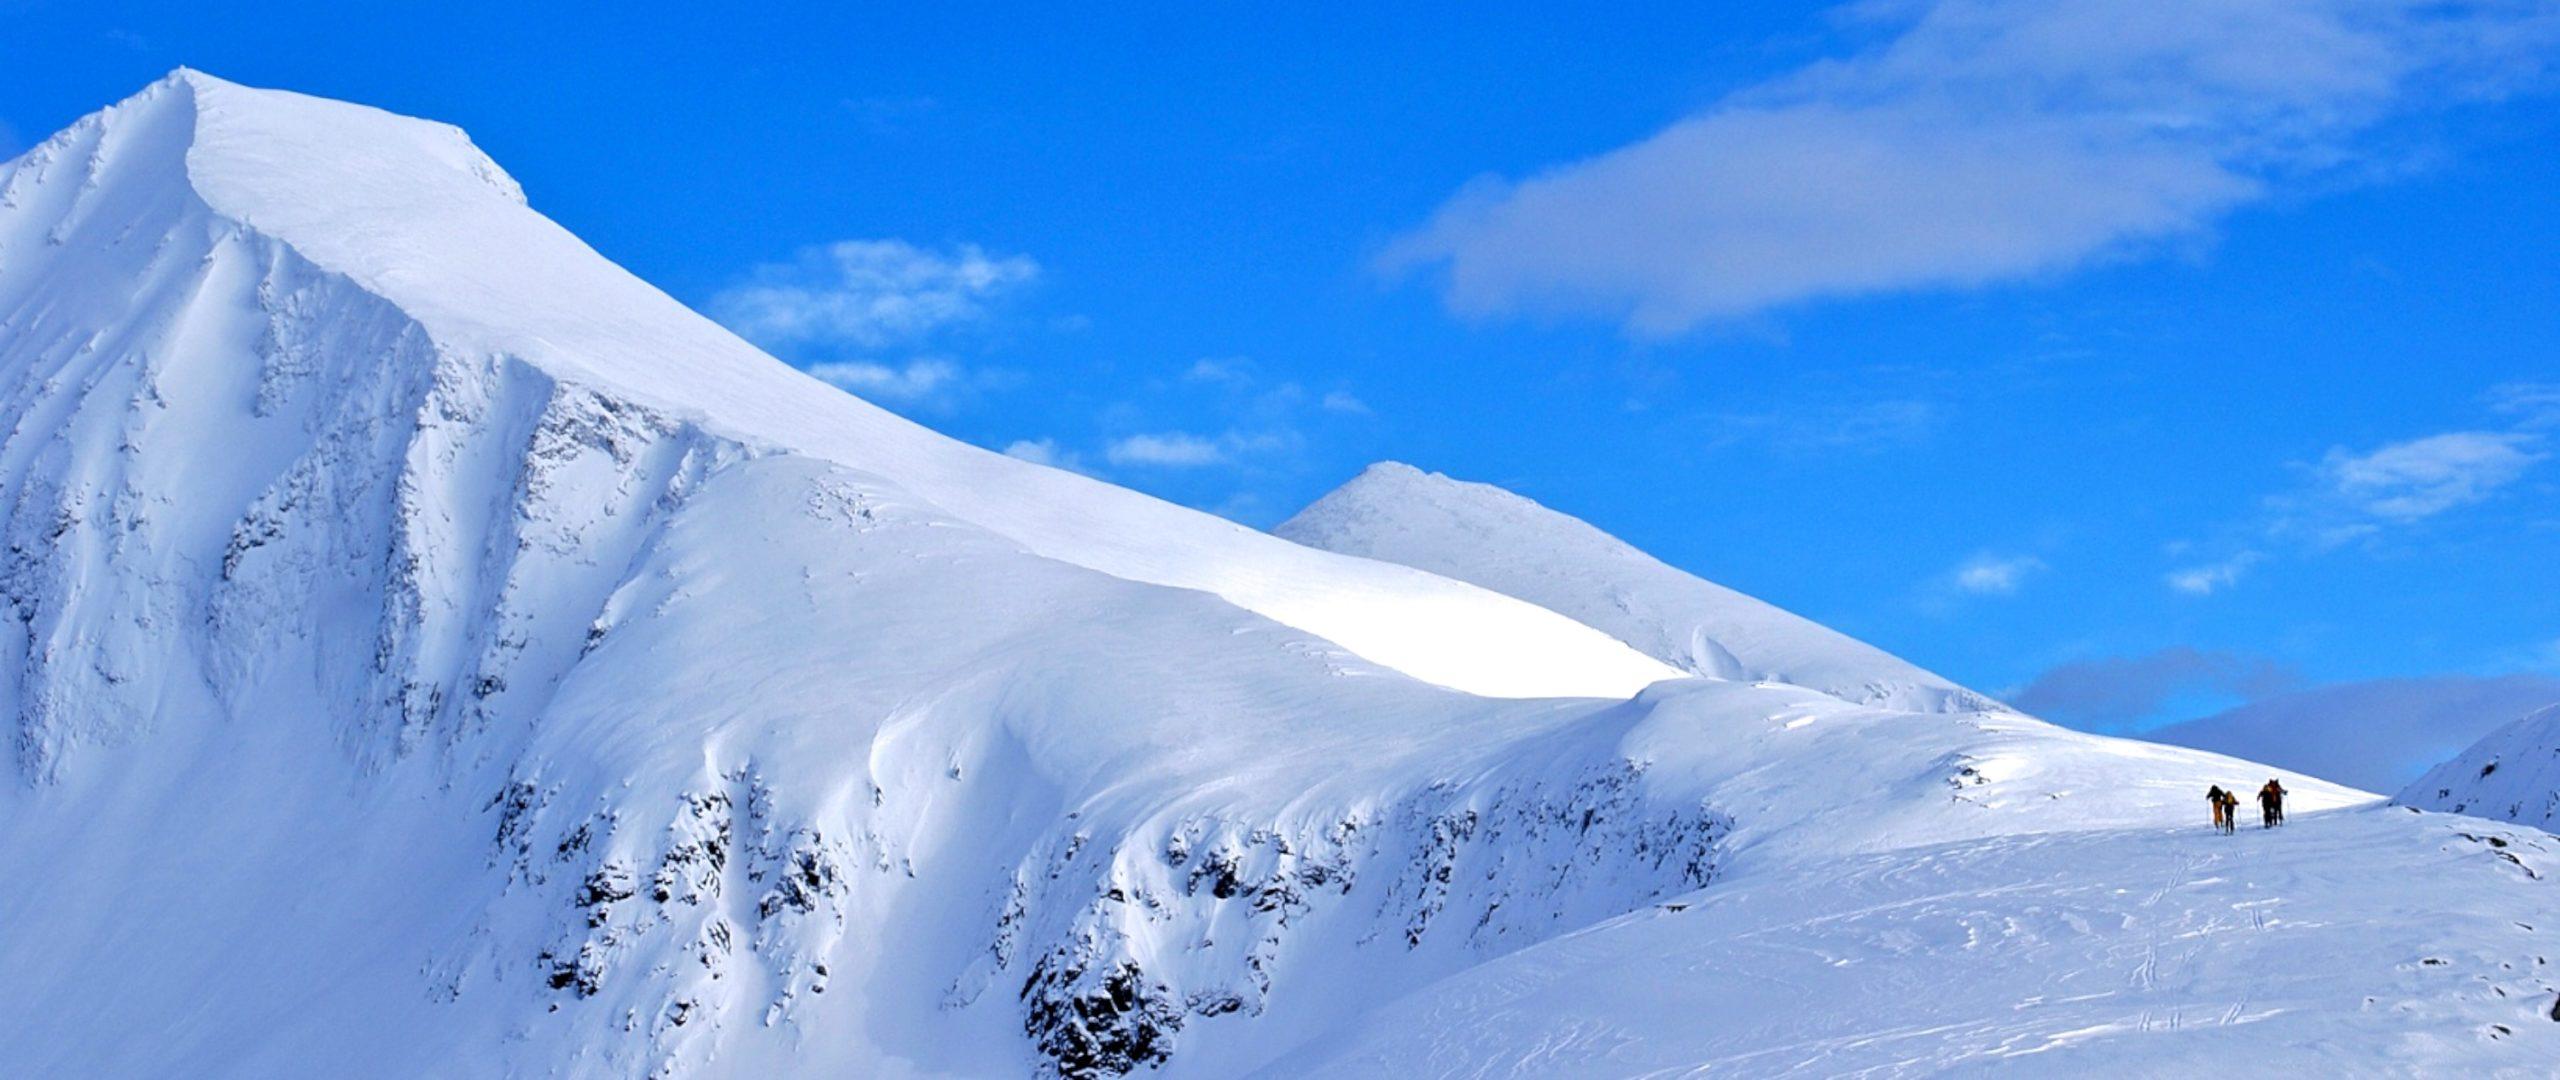 Skiing towards Kirketaket (1439 masl). View from Steinbergen (900 masl).